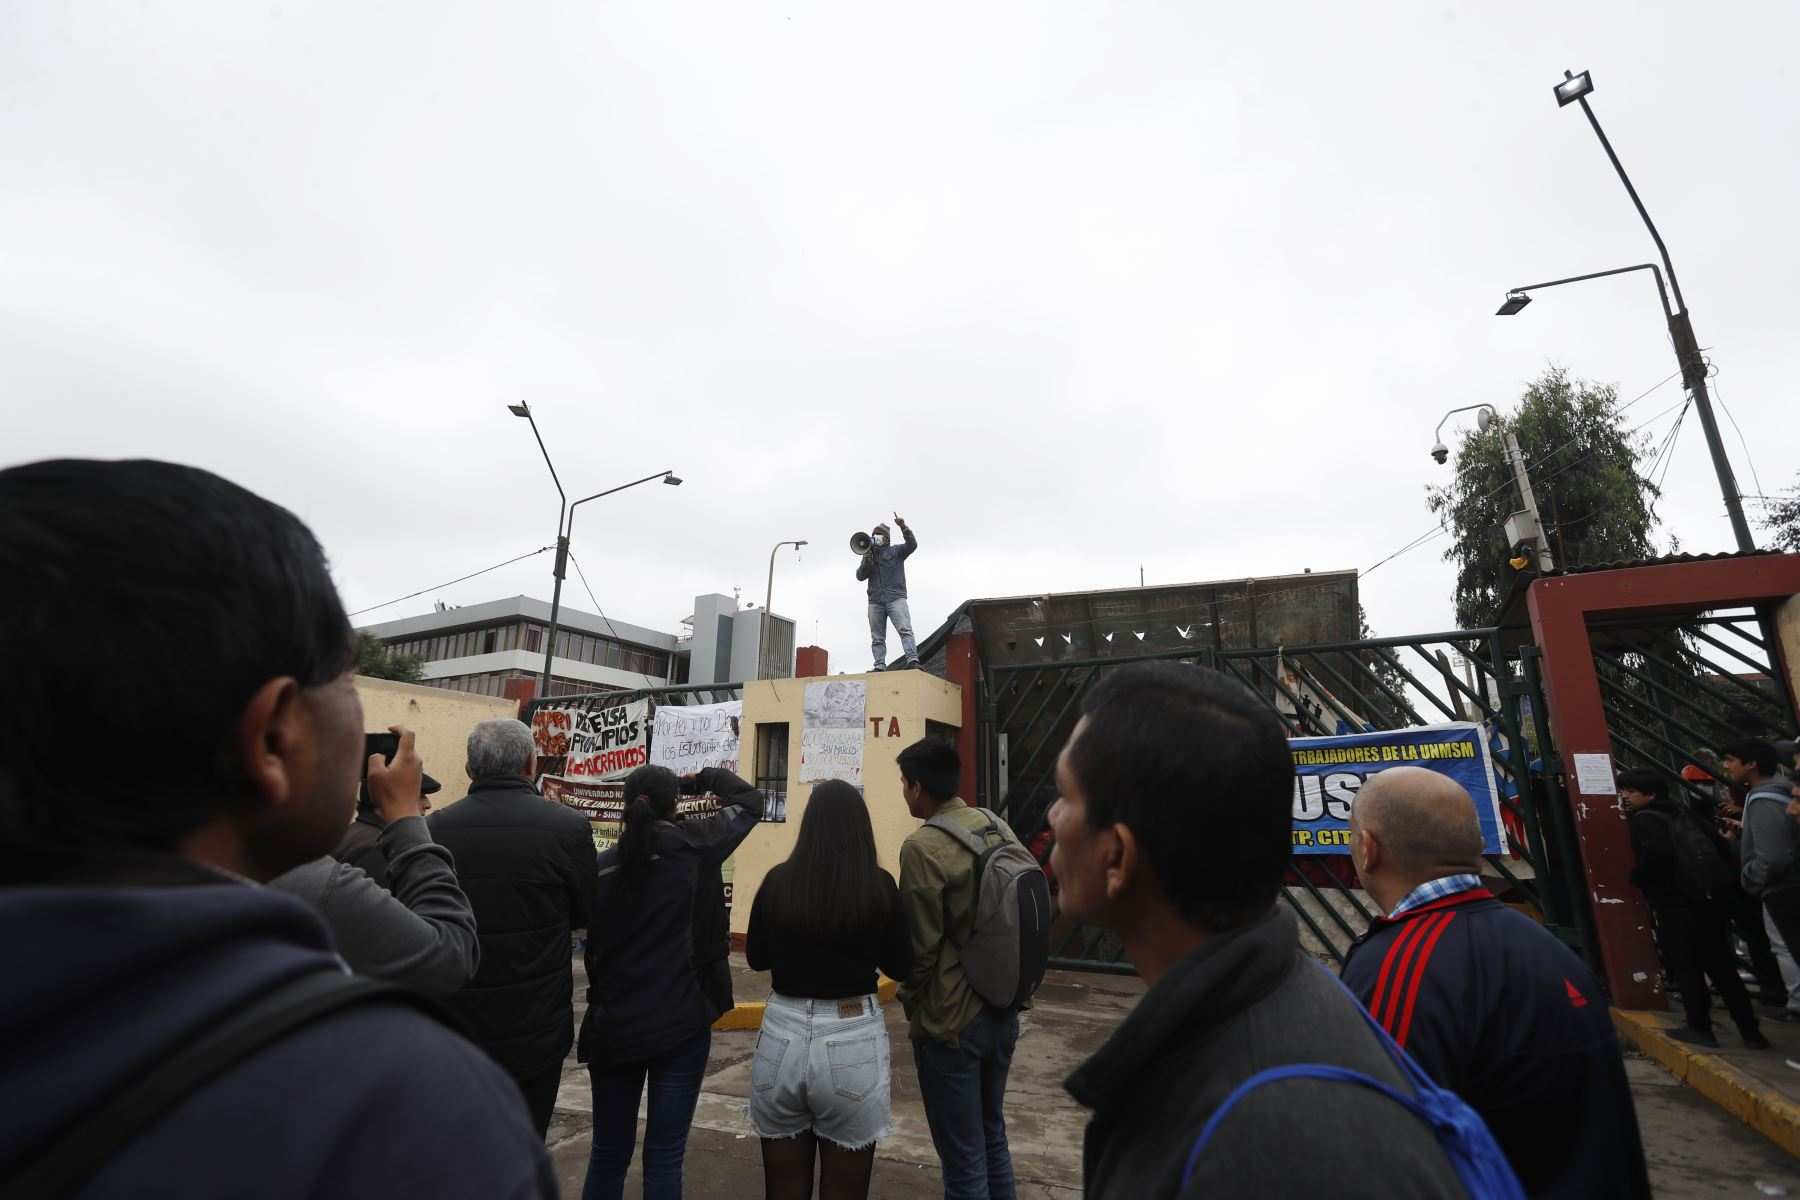 Campus de la Universidad Nacional Mayor de San Marcos (UNMSM) continúa tomado por estudiantes en protesta a la construcción del bypass. Foto: ANDINA/Renato PajueloFoto: ANDINA/ Renato Pajuelo